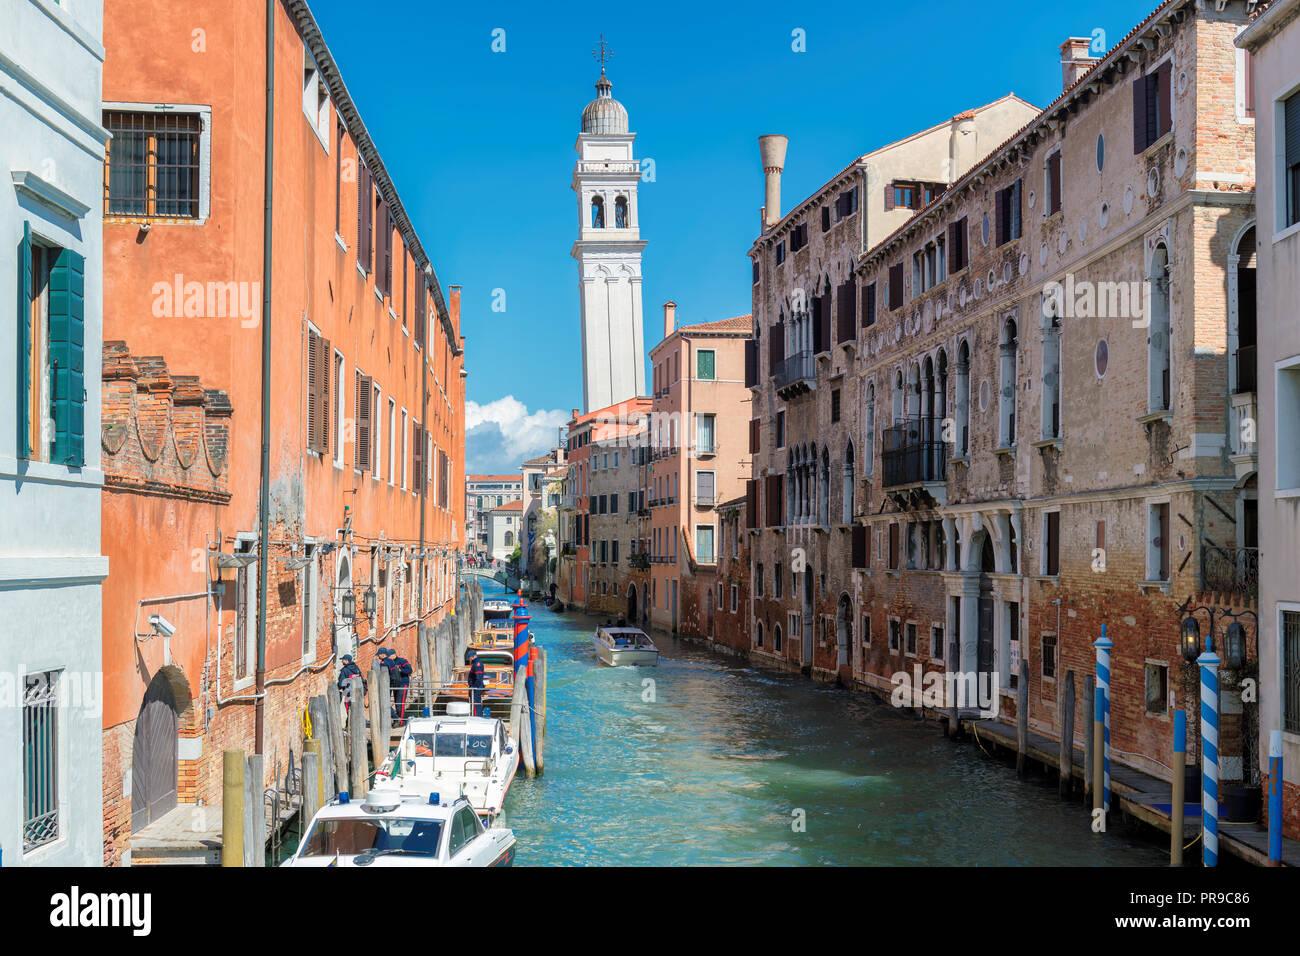 Vieux canal à Venise avec des bateaux stationnés près de bâtiments résidentiels, Italie Banque D'Images